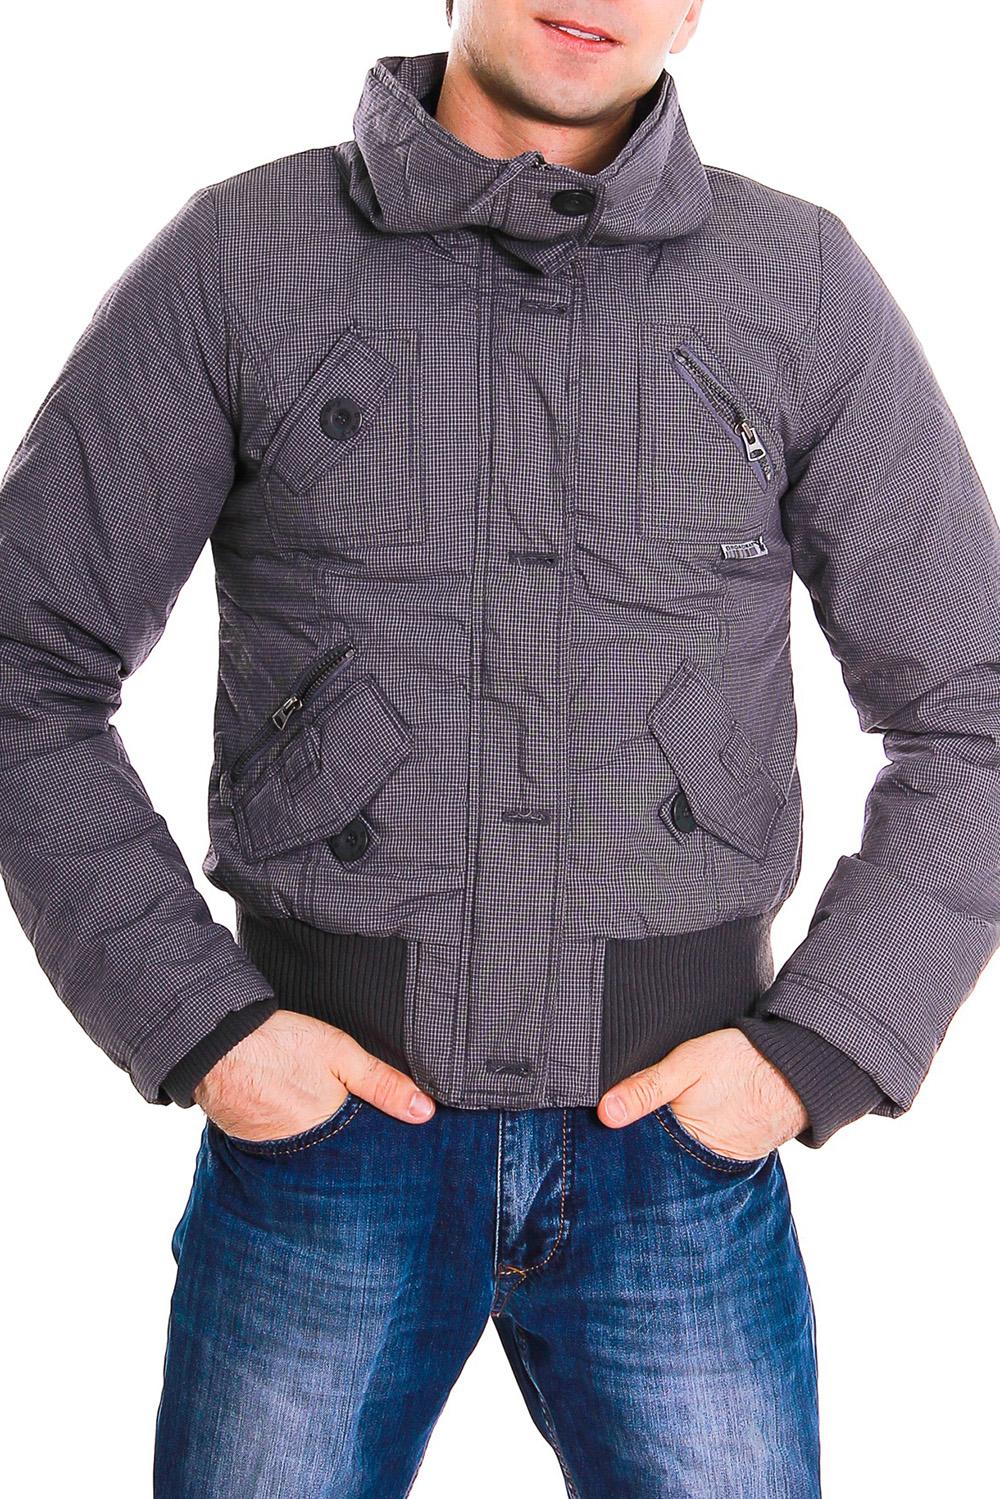 КурткаКуртки<br>Мужская утепленная куртка.<br><br>Размер : 44<br>Материал: Хлопок<br>Количество в наличии: 2